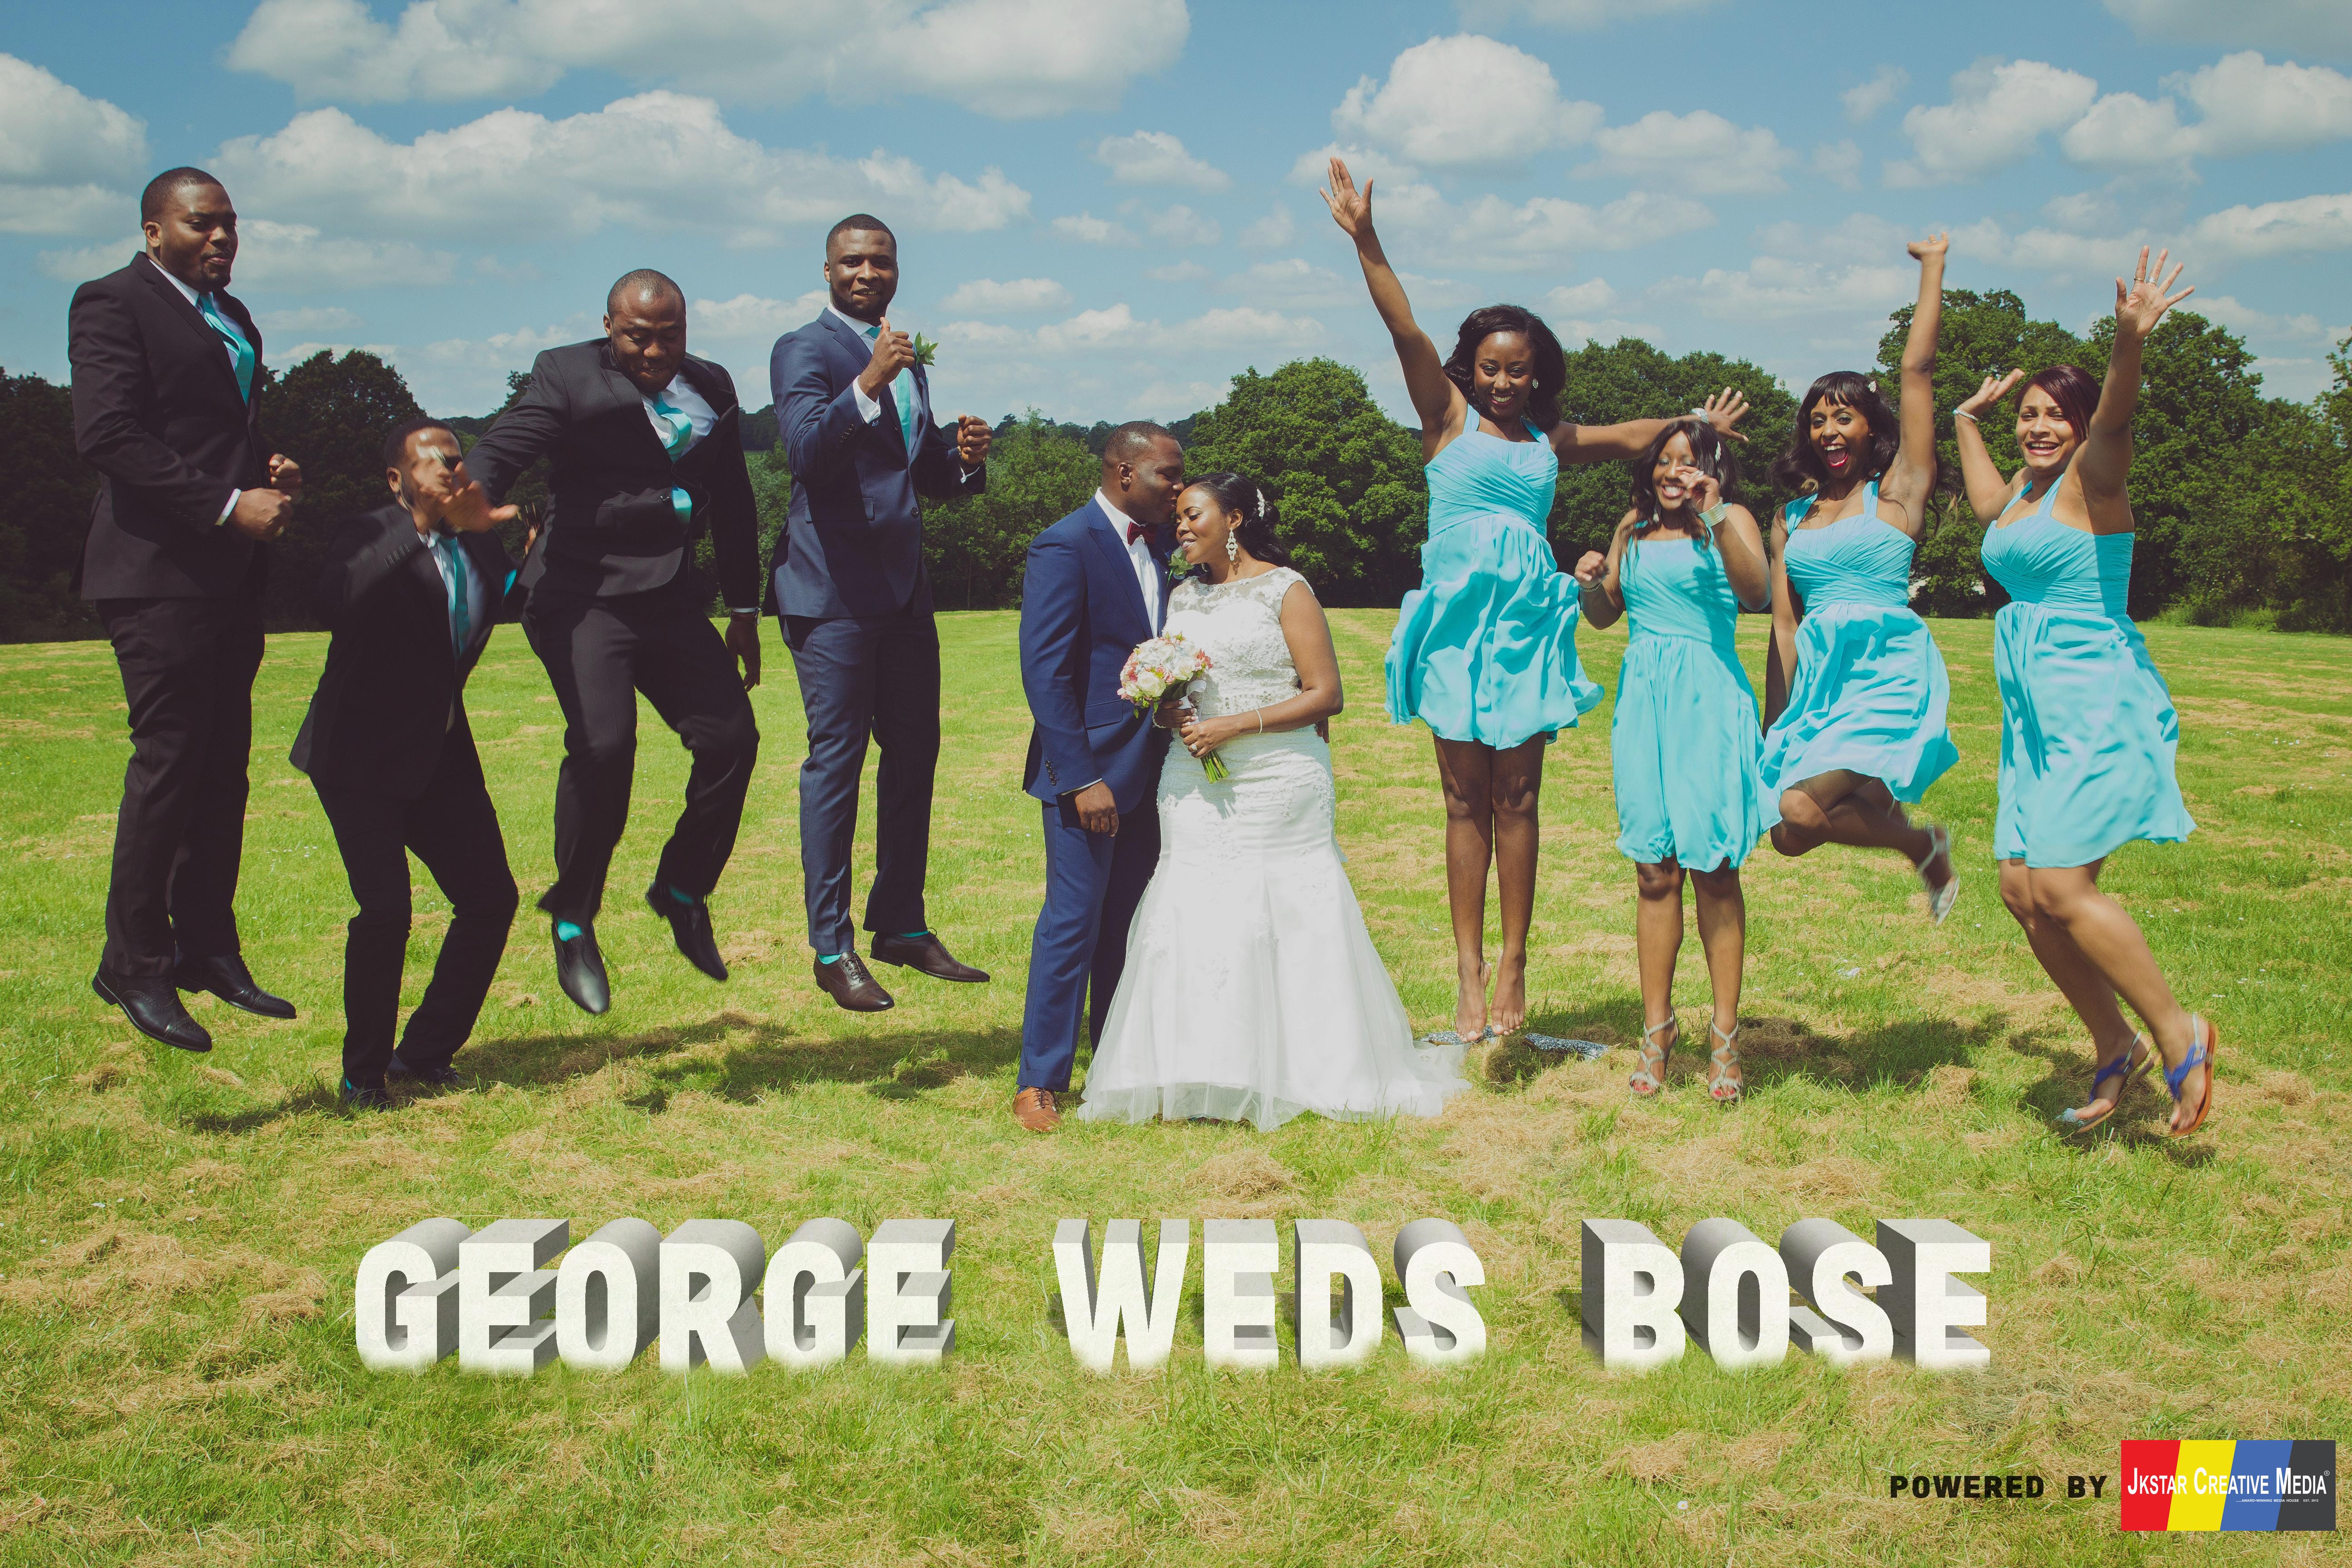 Wedding Jumping Pose